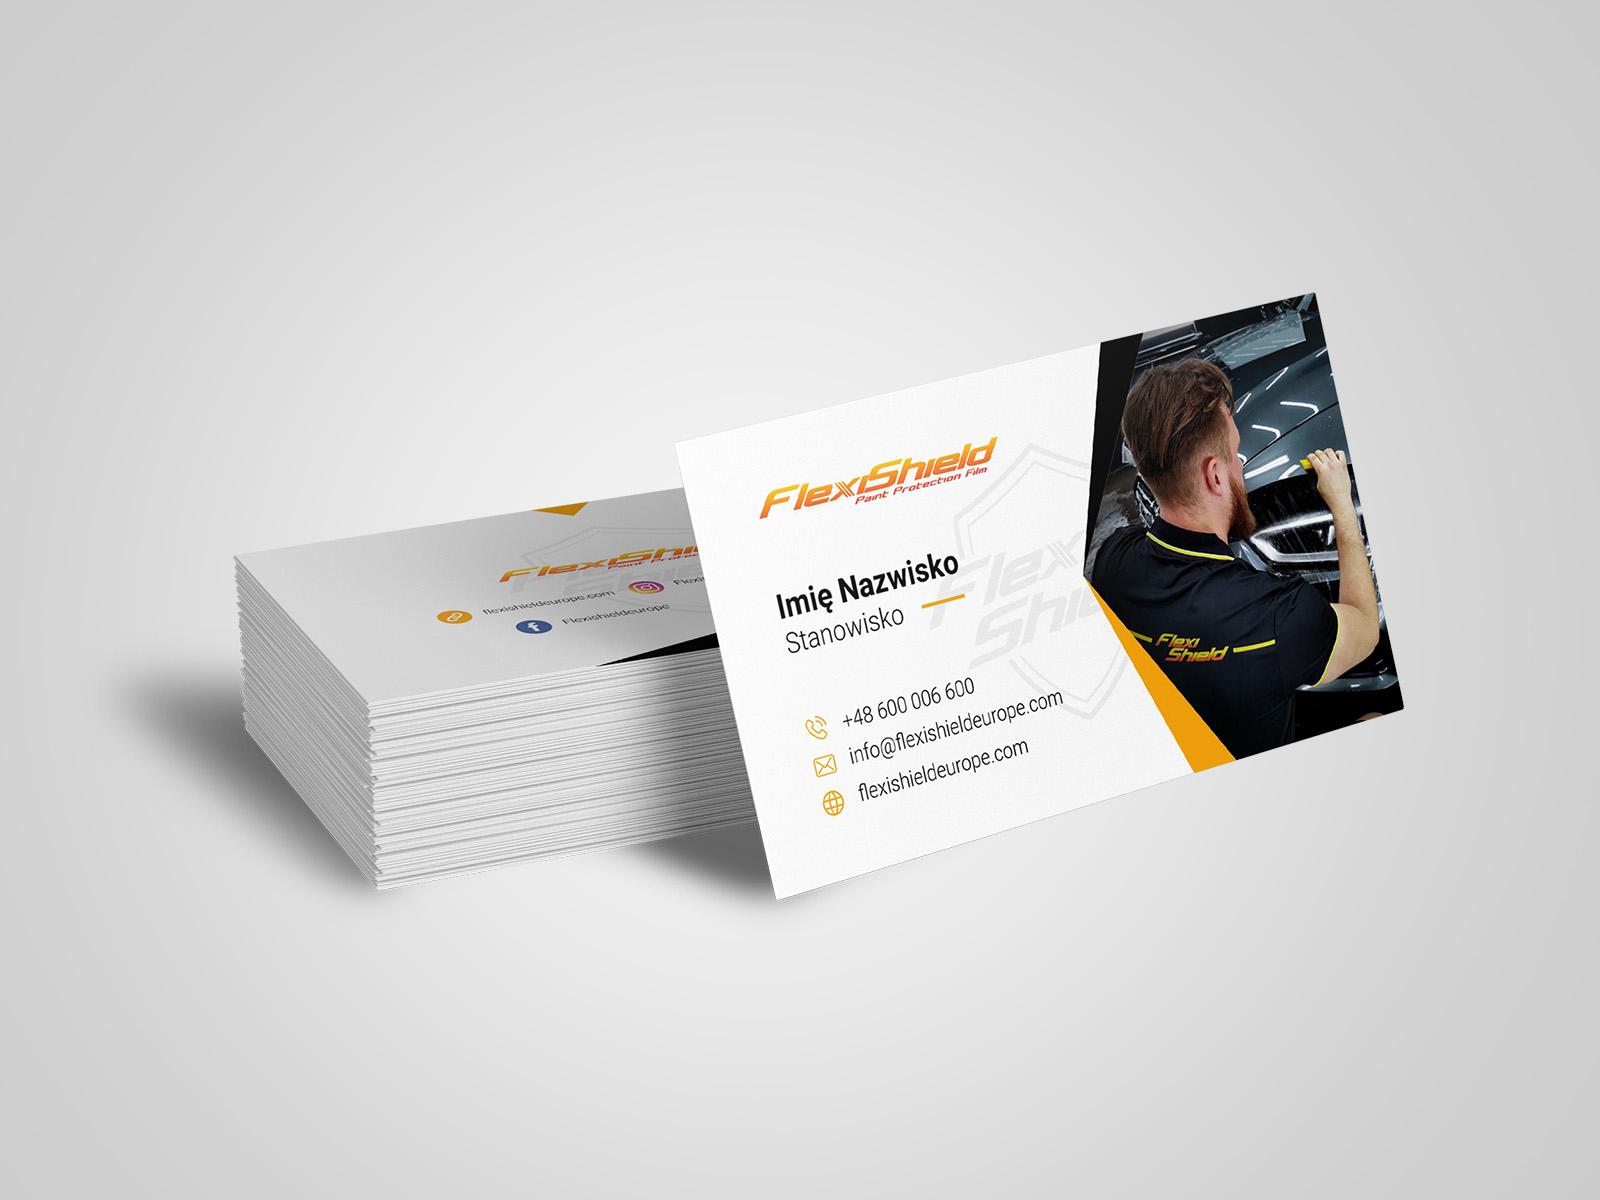 Projekt graficzny wizytówki dla firmy FlexiShield